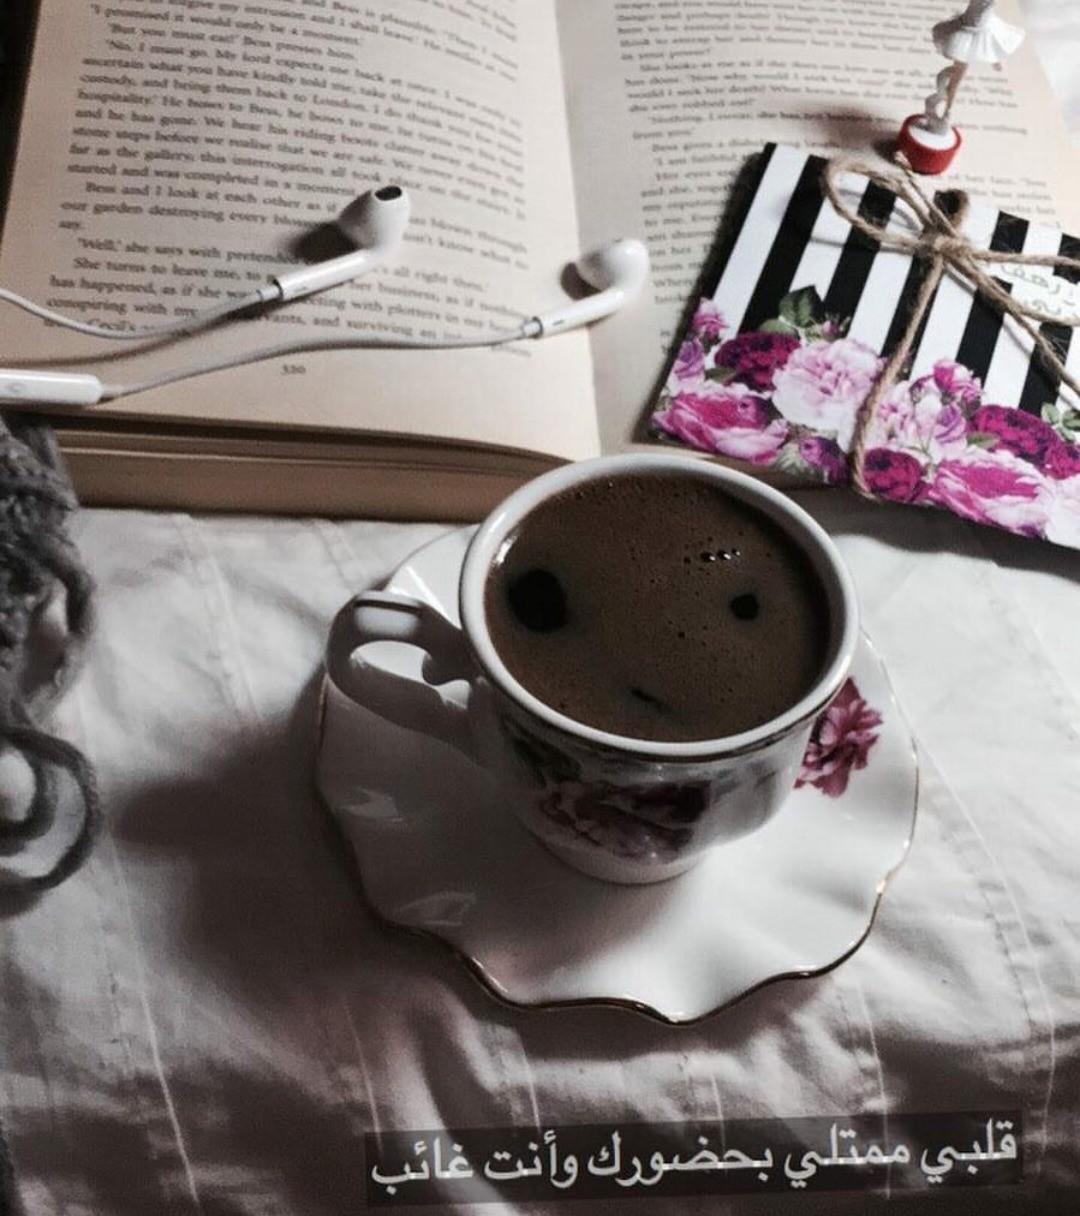 سأعترف لك..؟!!أني لا زلت أخصص جزء من يومي لك مع قهوتي..ابتعد فيه عن ضجة العالم وأتذكر أحاديثك وضحكاتك وأبتسم..!😊😙💗